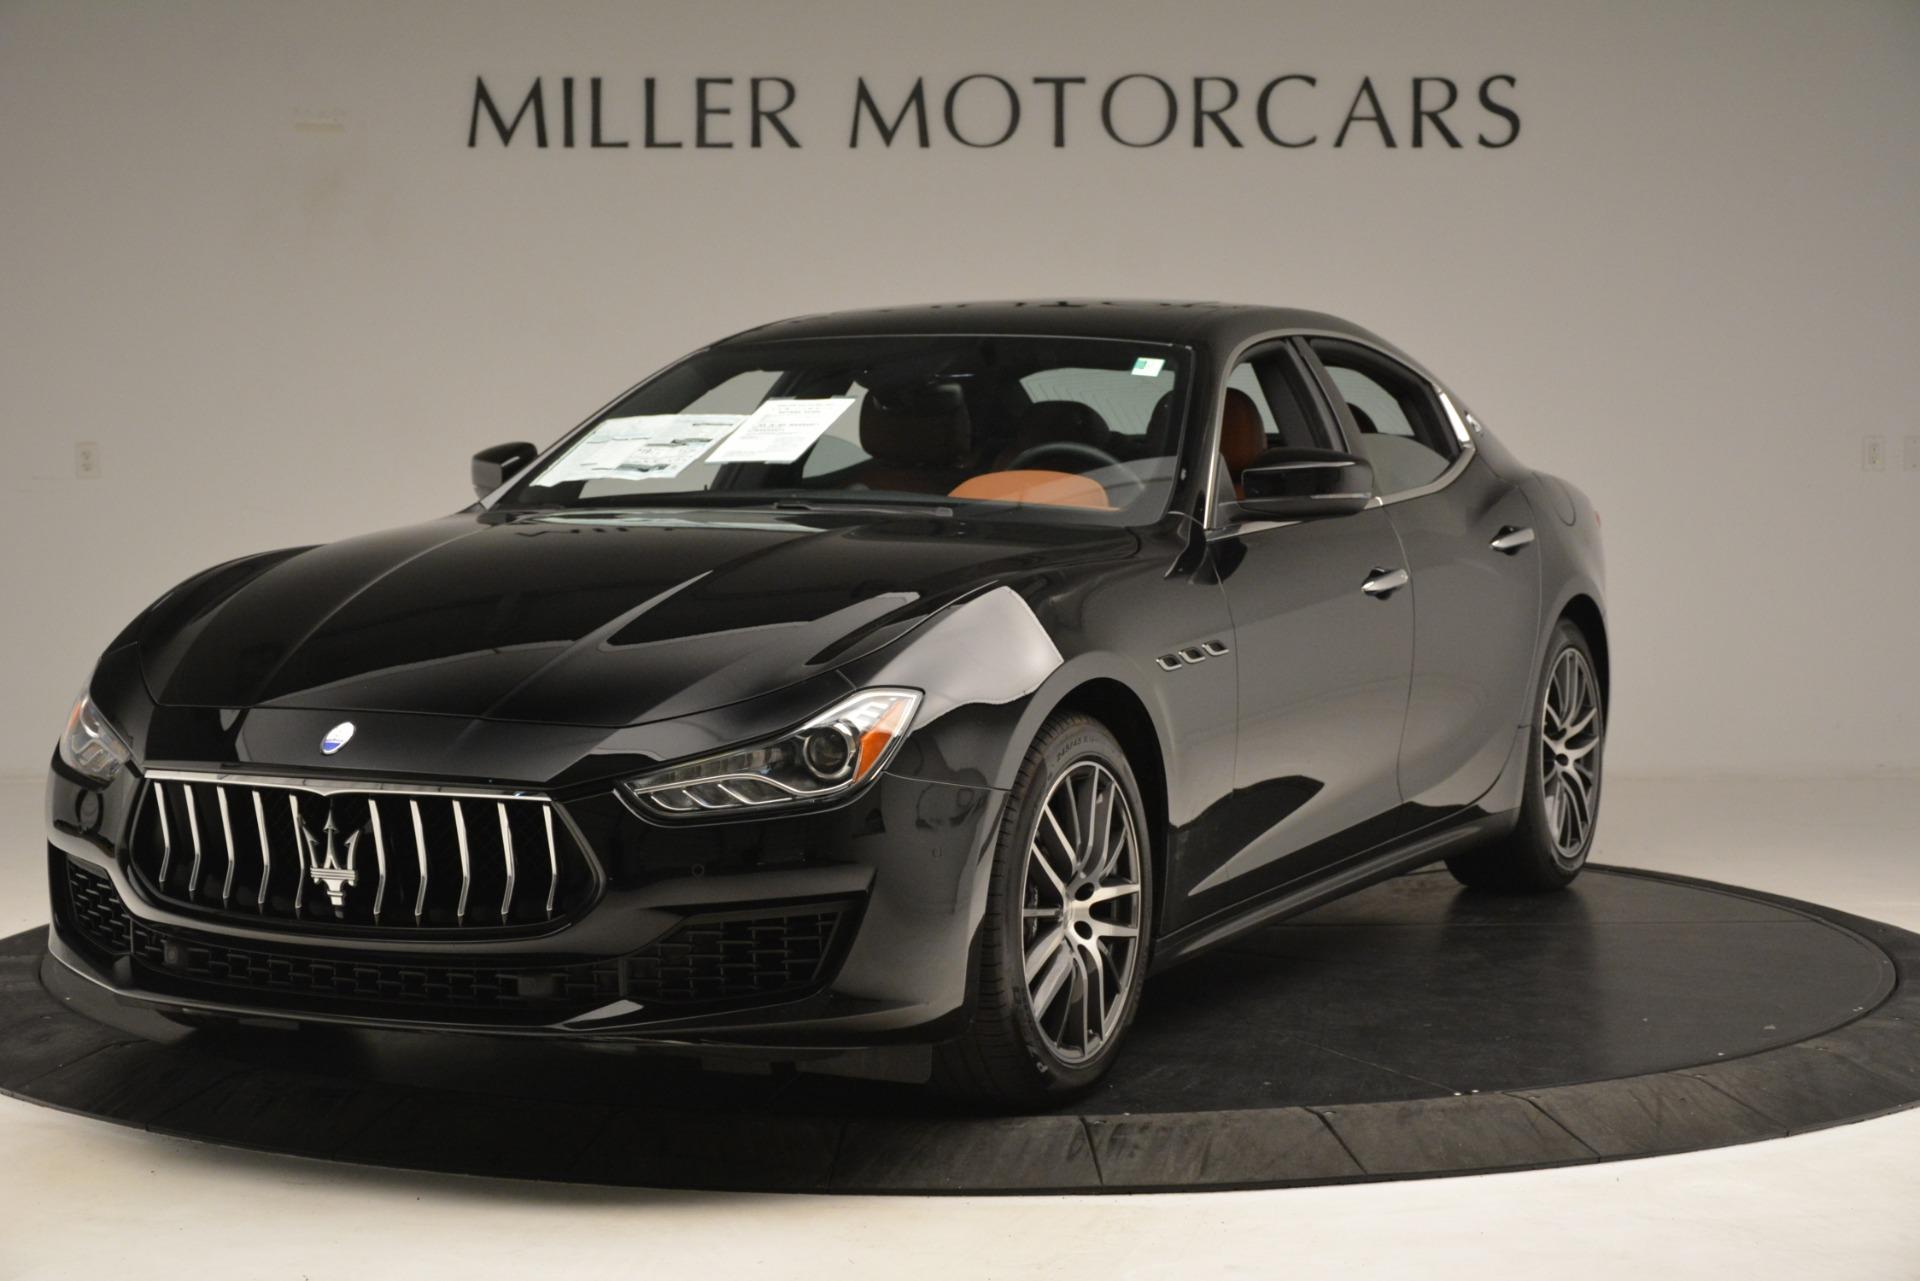 New 2019 Maserati Ghibli S Q4 for sale Sold at Bugatti of Greenwich in Greenwich CT 06830 1